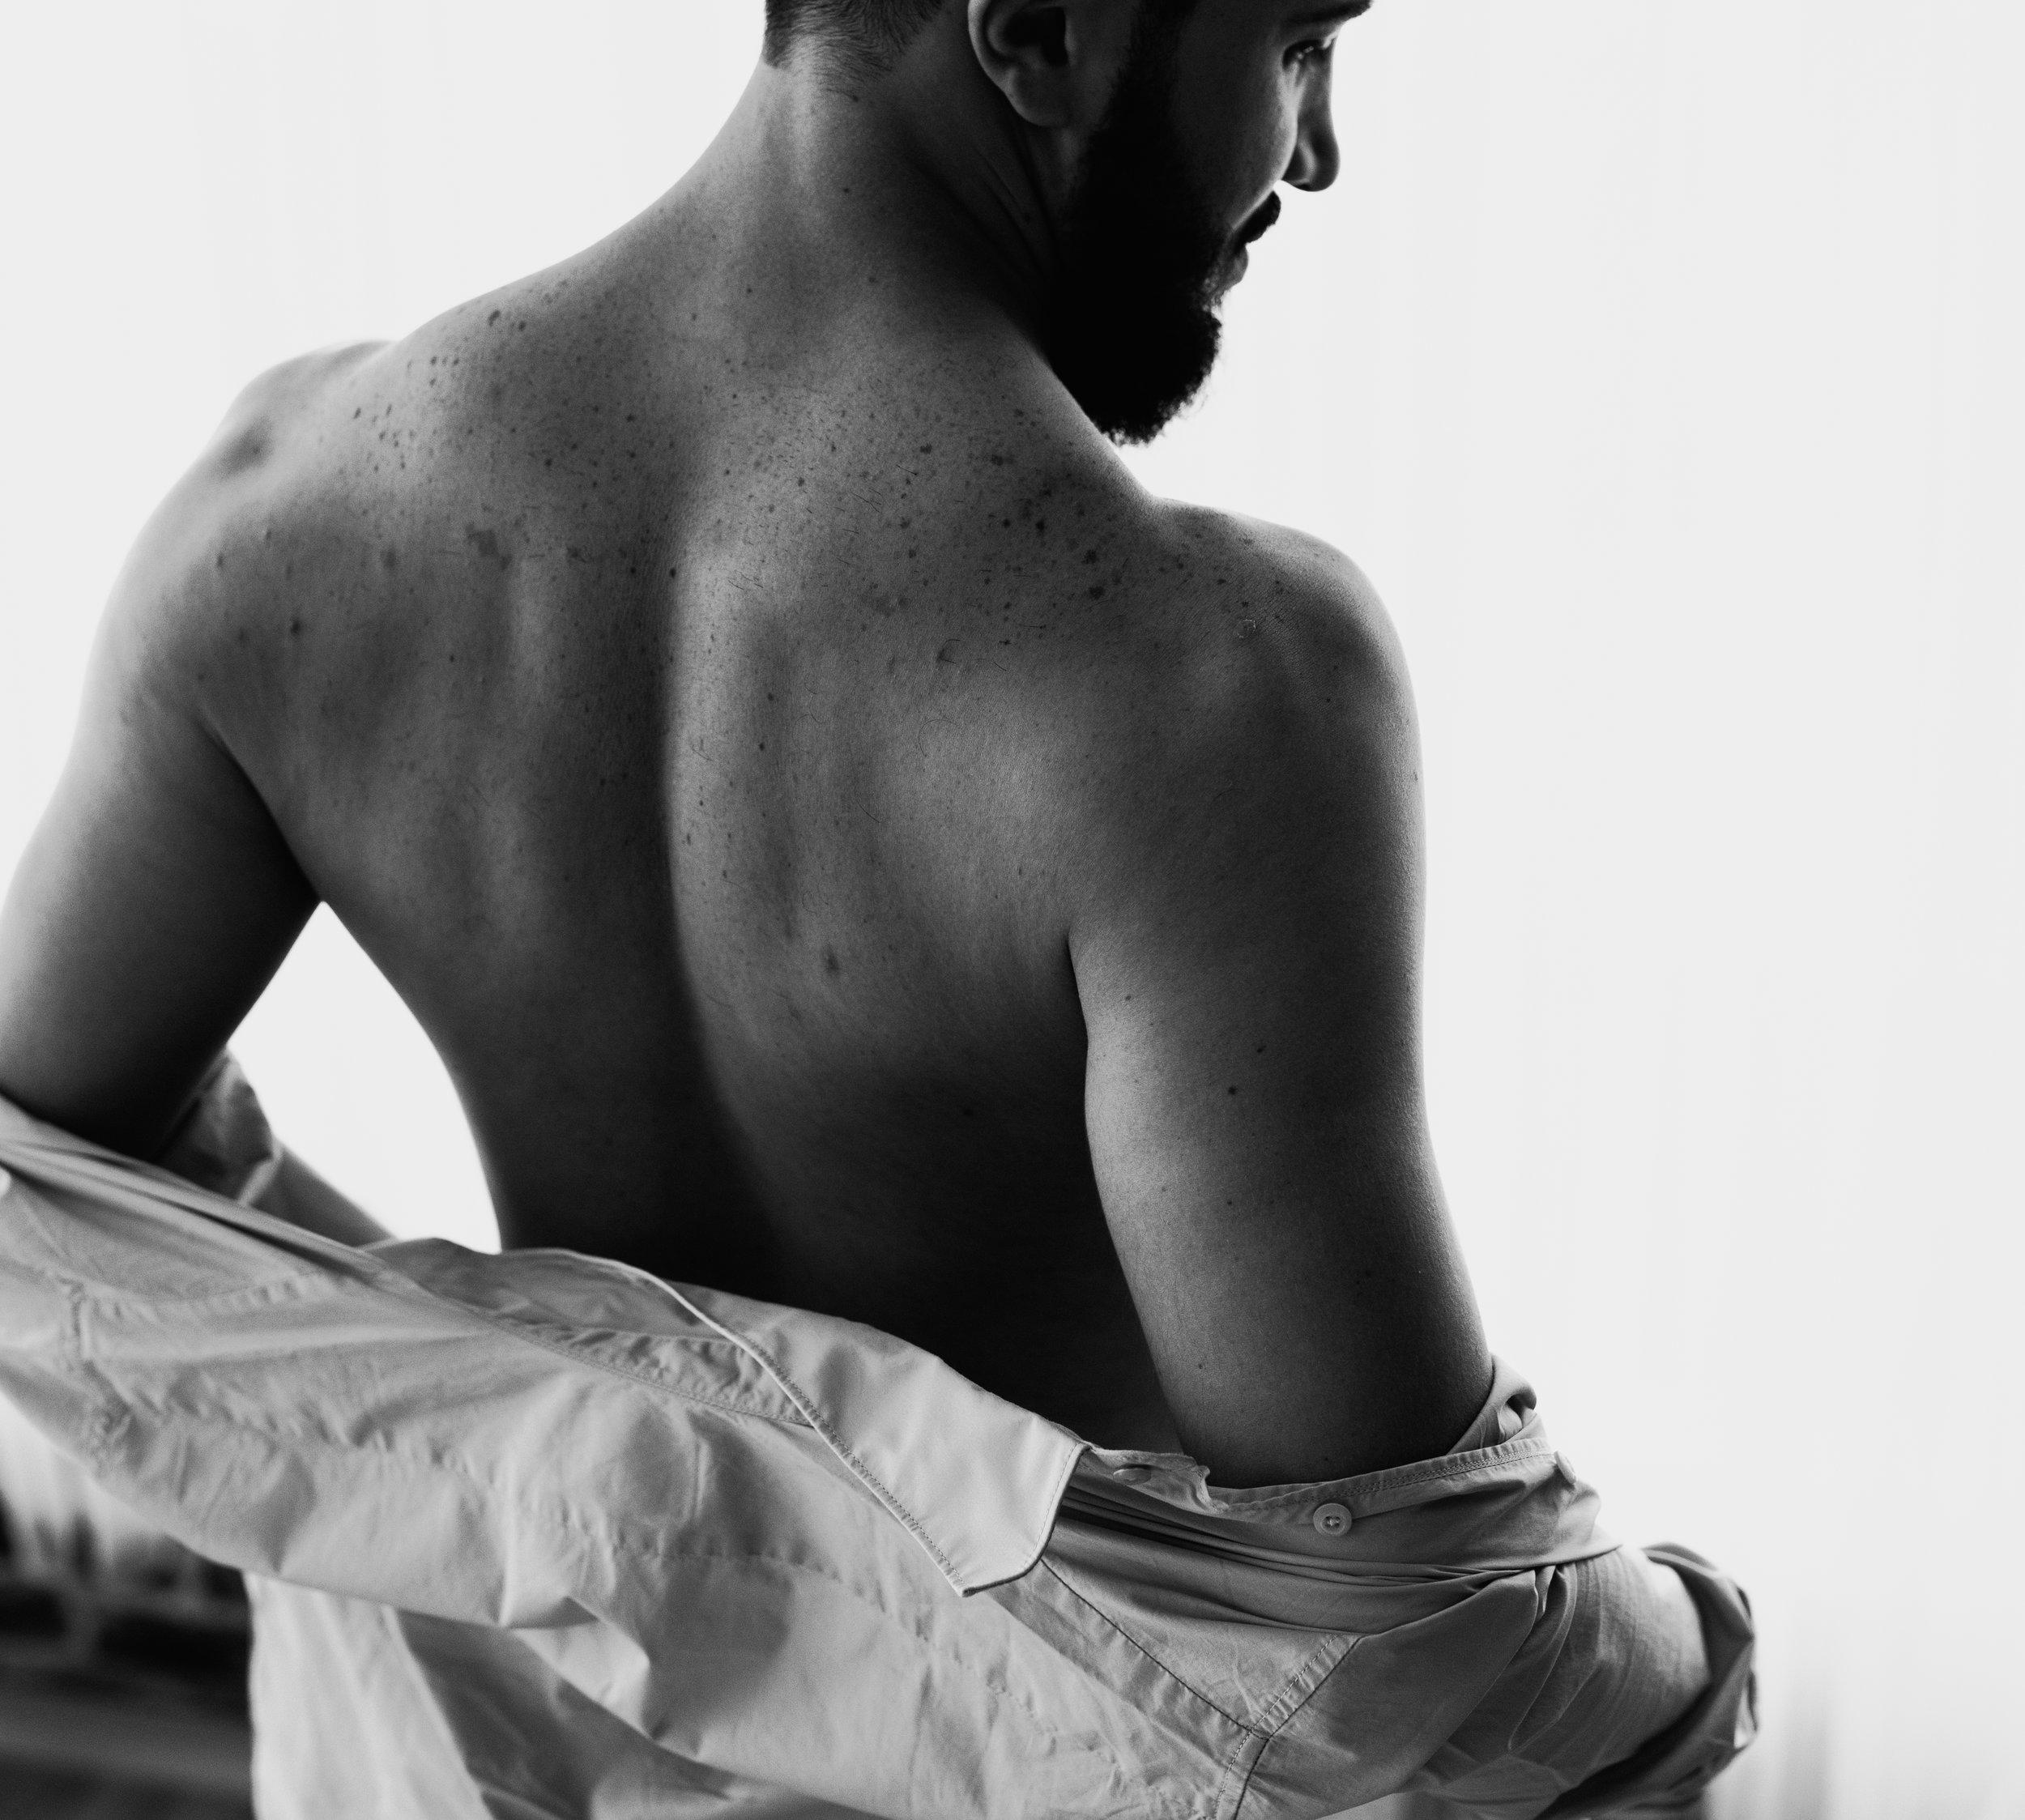 JTNoirStudios_Andres_Male_Boudoir_Portraits_Blackandwhite-4.jpg